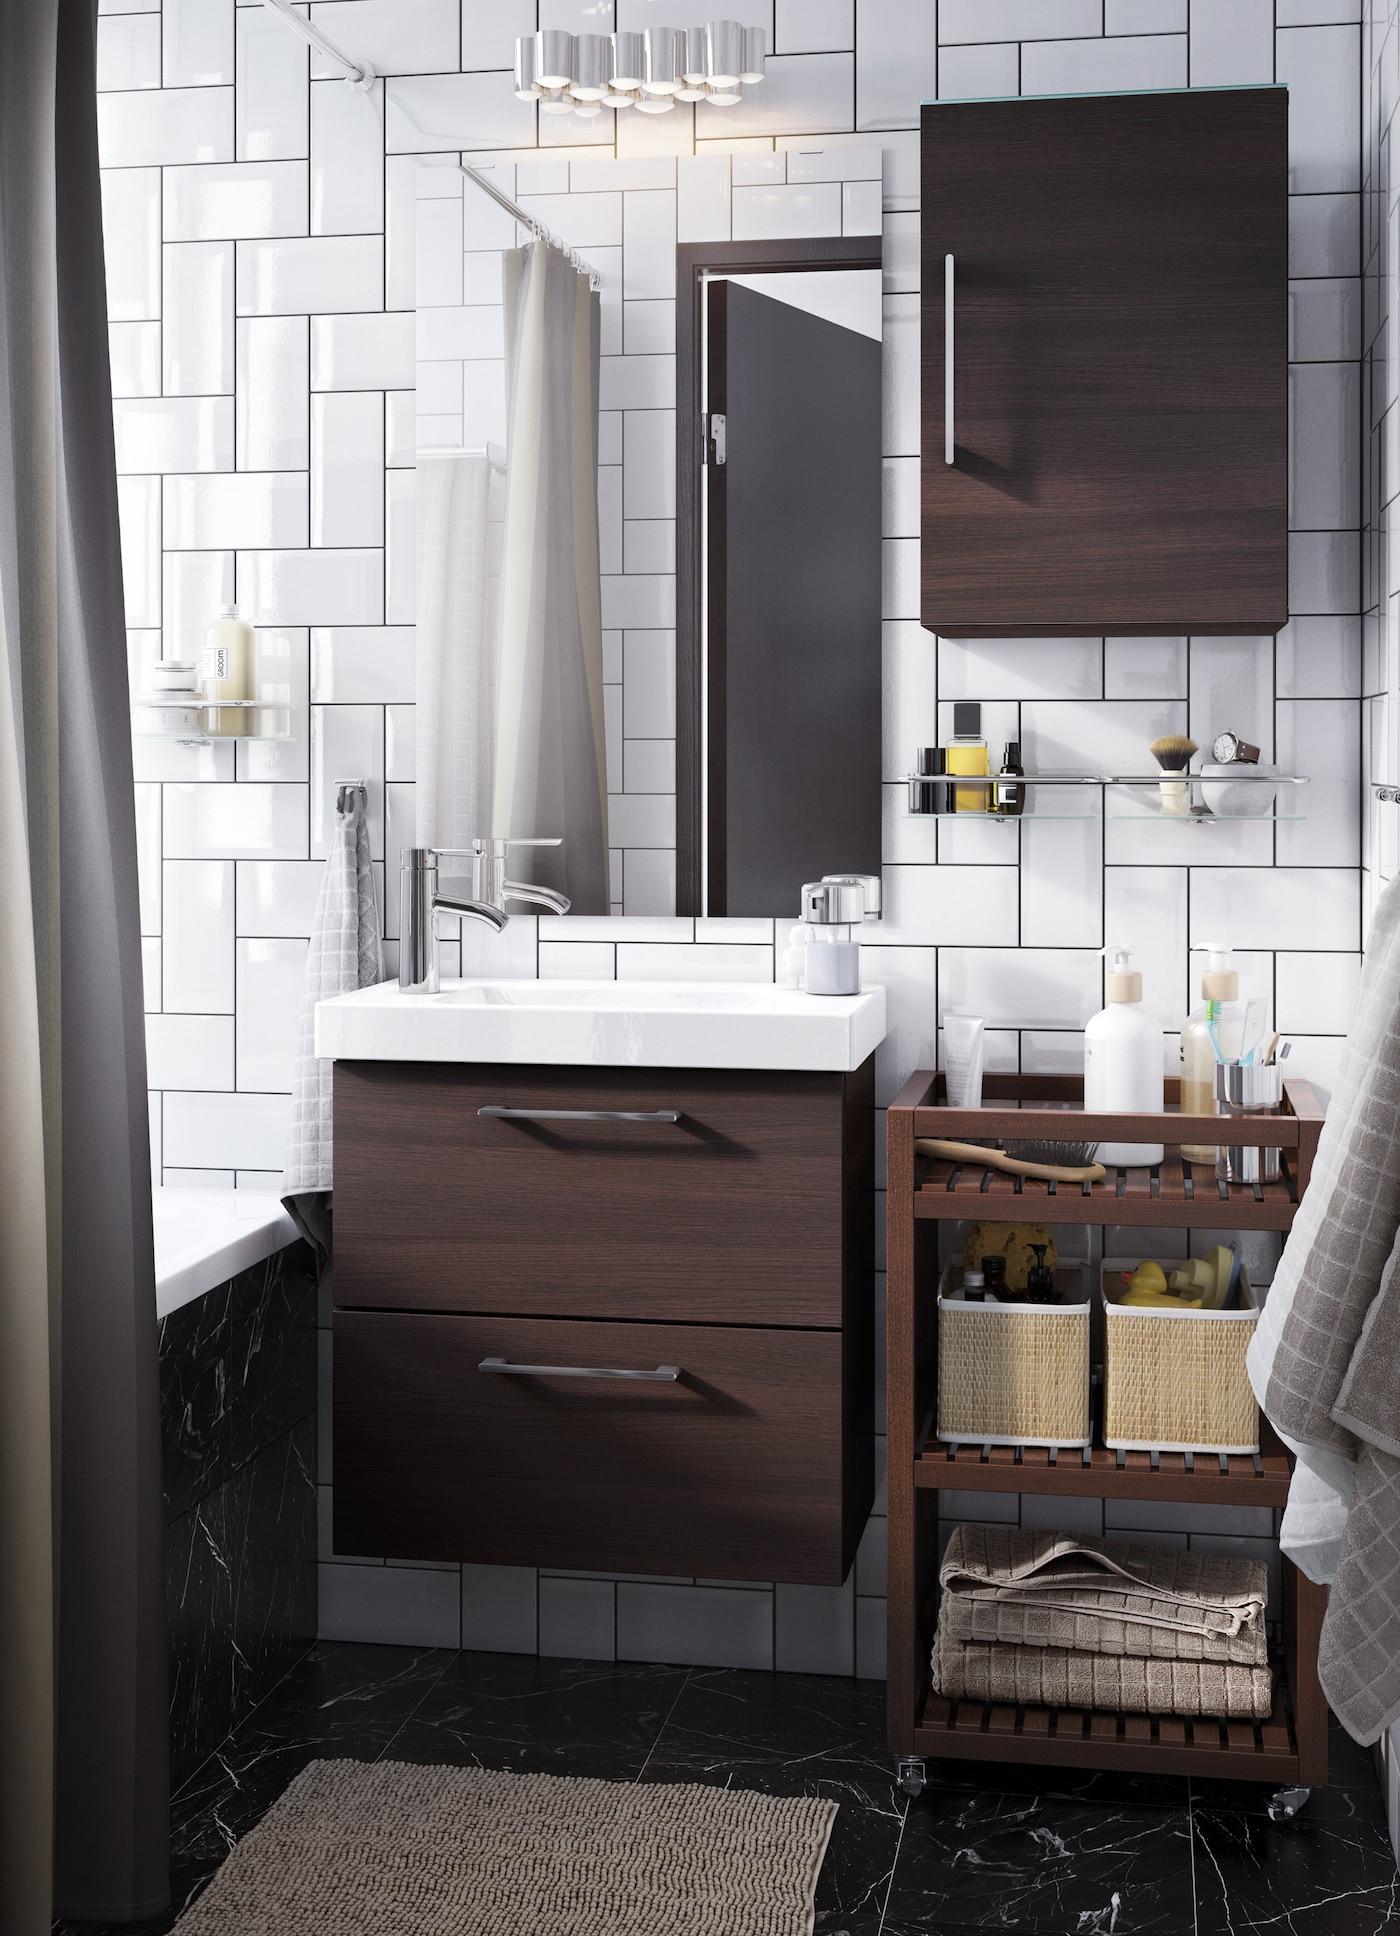 Pieni valkoinen kylpyhuone, jossa tummanruskeaa avointa ja suljettua säilytystilaa.